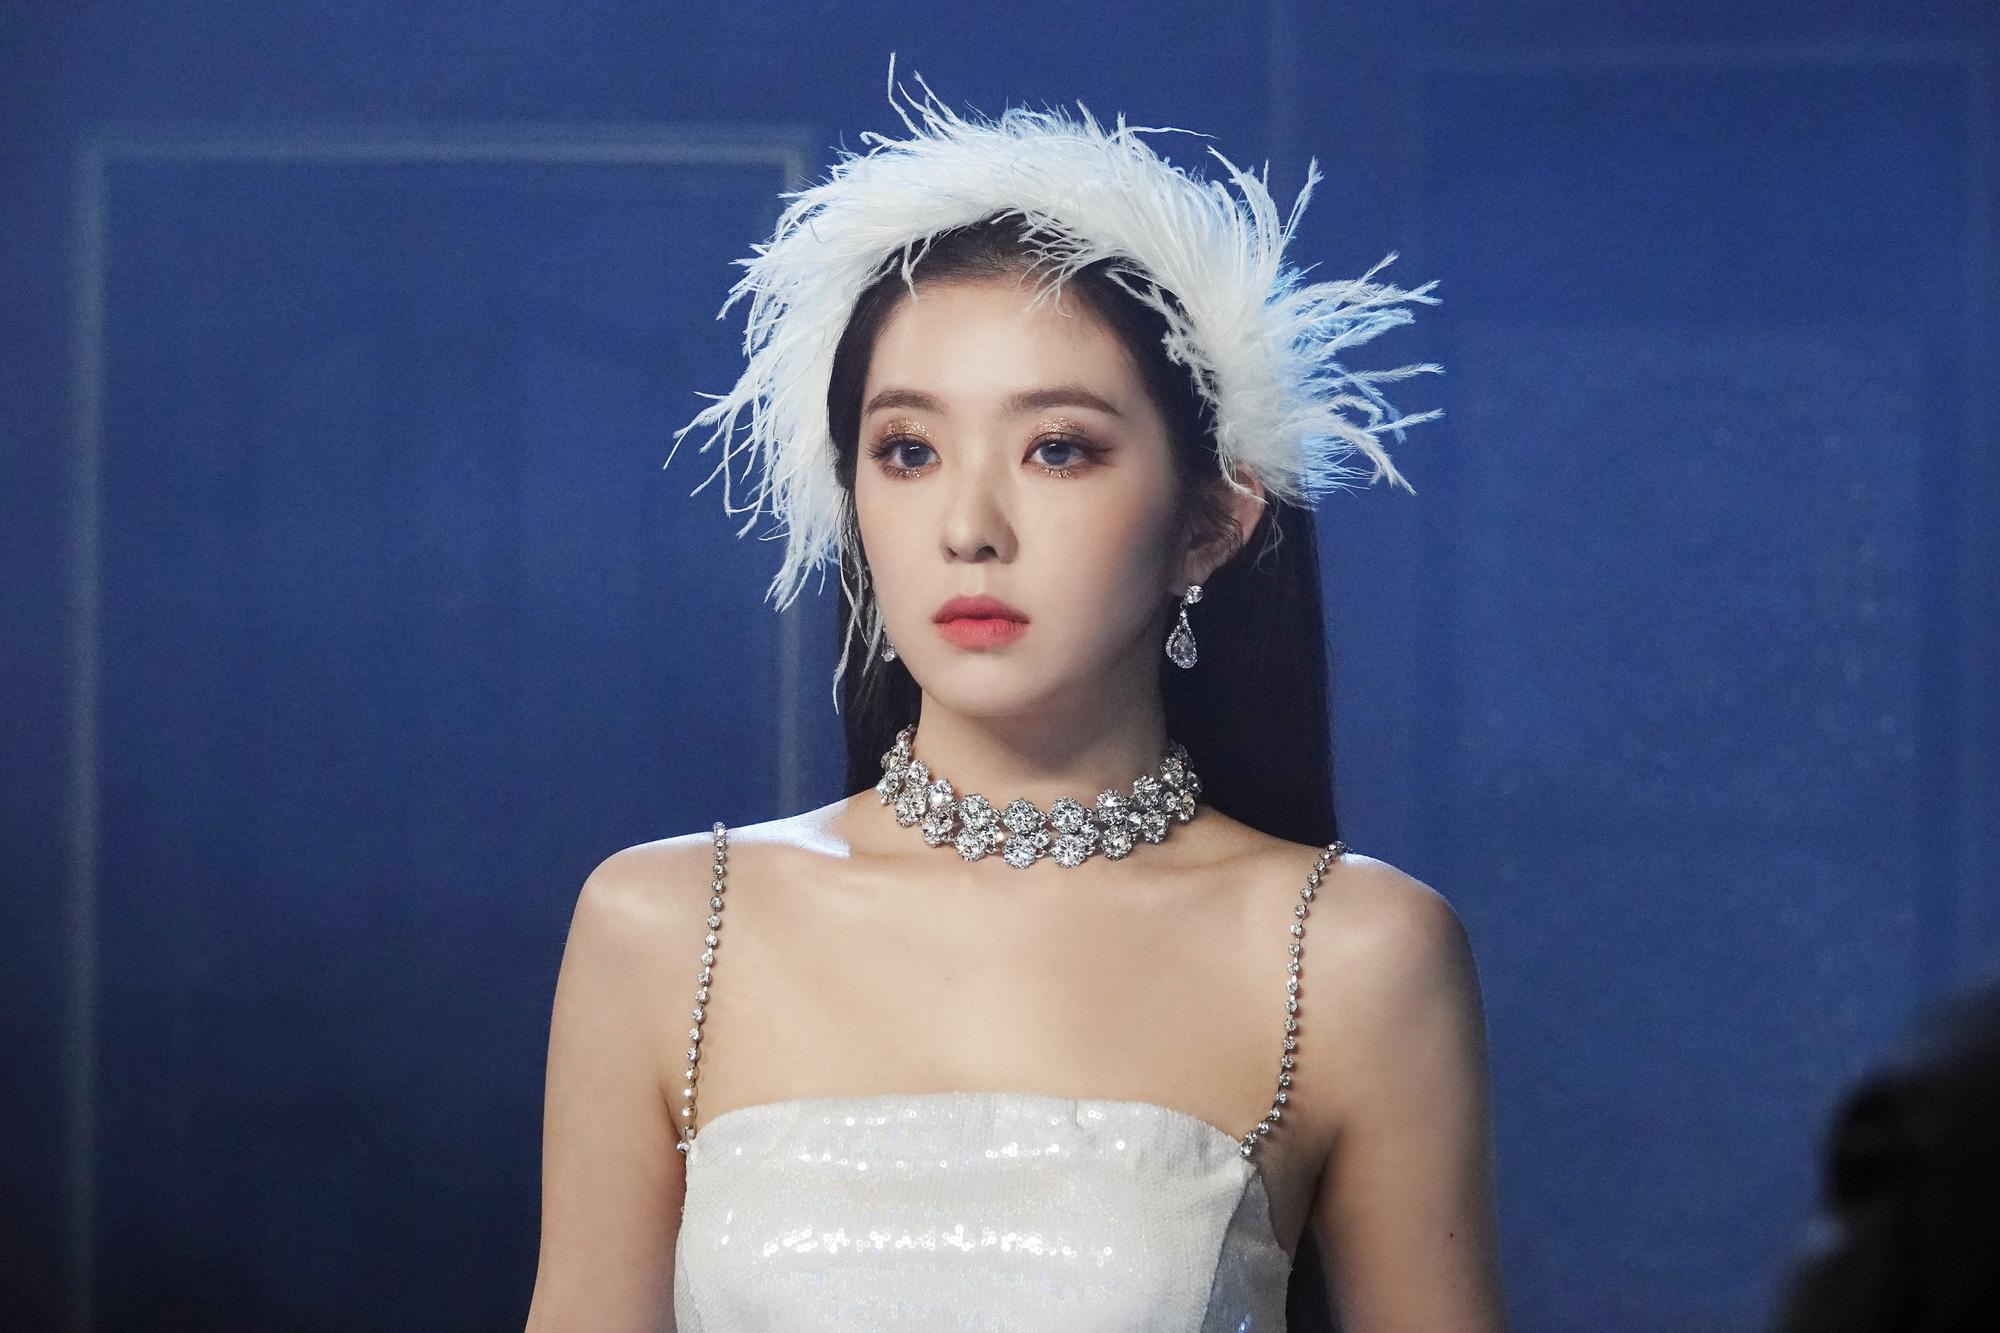 Đỉnh điểm drama: Irene (Red Velvet) bị tố ra lệnh Quỳ xuống rồi buộc dây giày đi, khiến stylist xấu hổ đến mức nghỉ việc - Ảnh 3.